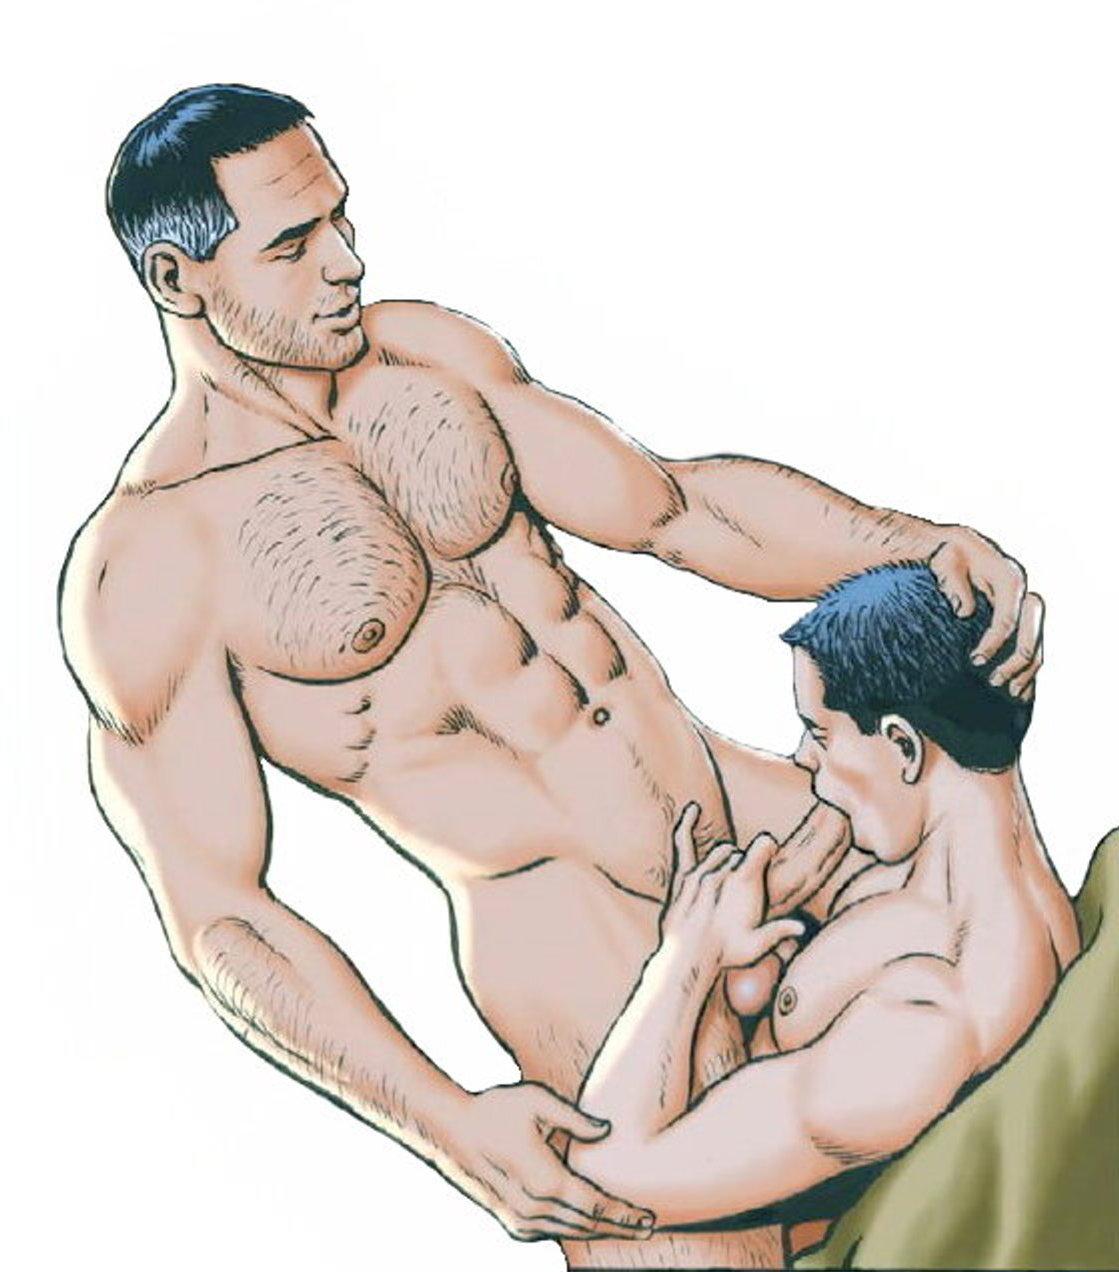 videos gay peludos dibujos animados eroticos